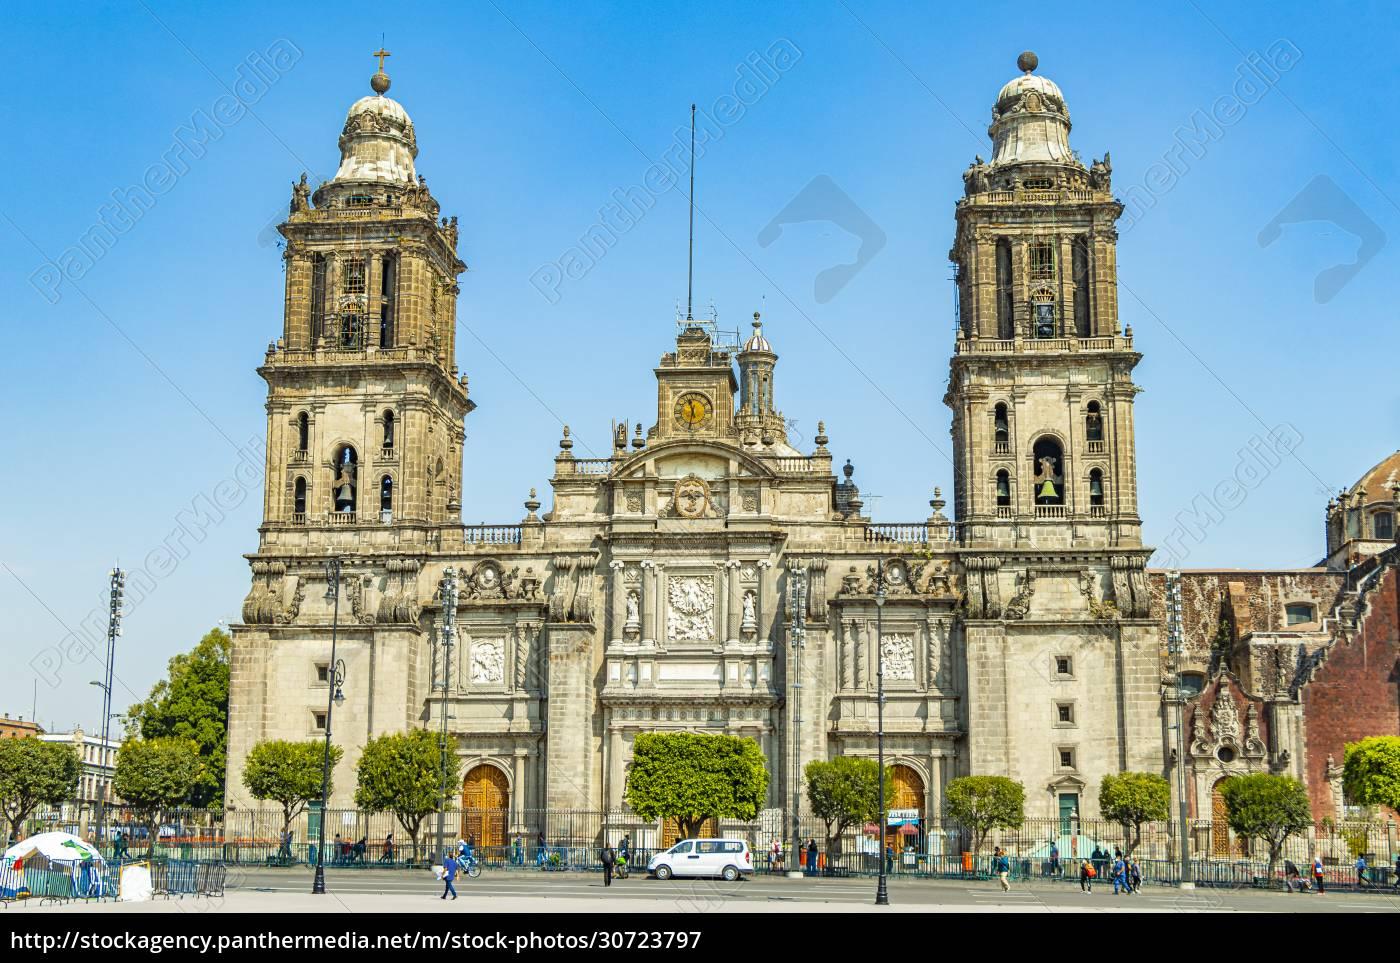 kathedrale, von, mexiko-stadt, architektonisches, meisterwerk, blauer - 30723797